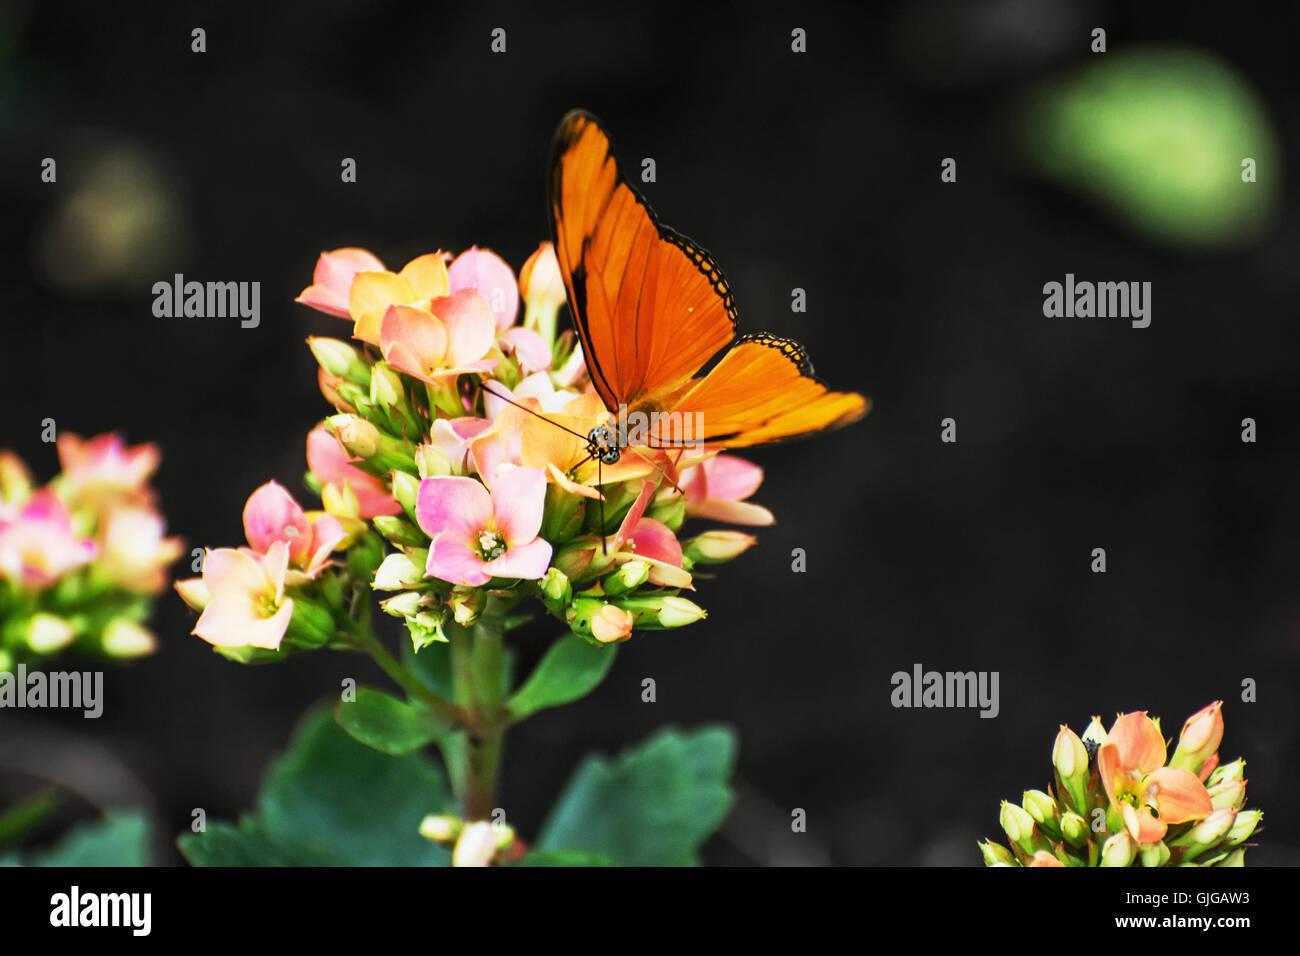 Hermosa mariposa naranja polinizando pequeñas flores rosas y amarillos. La fauna y la flora. Escenario natural de temporada. La belleza de la naturaleza. Foto de stock